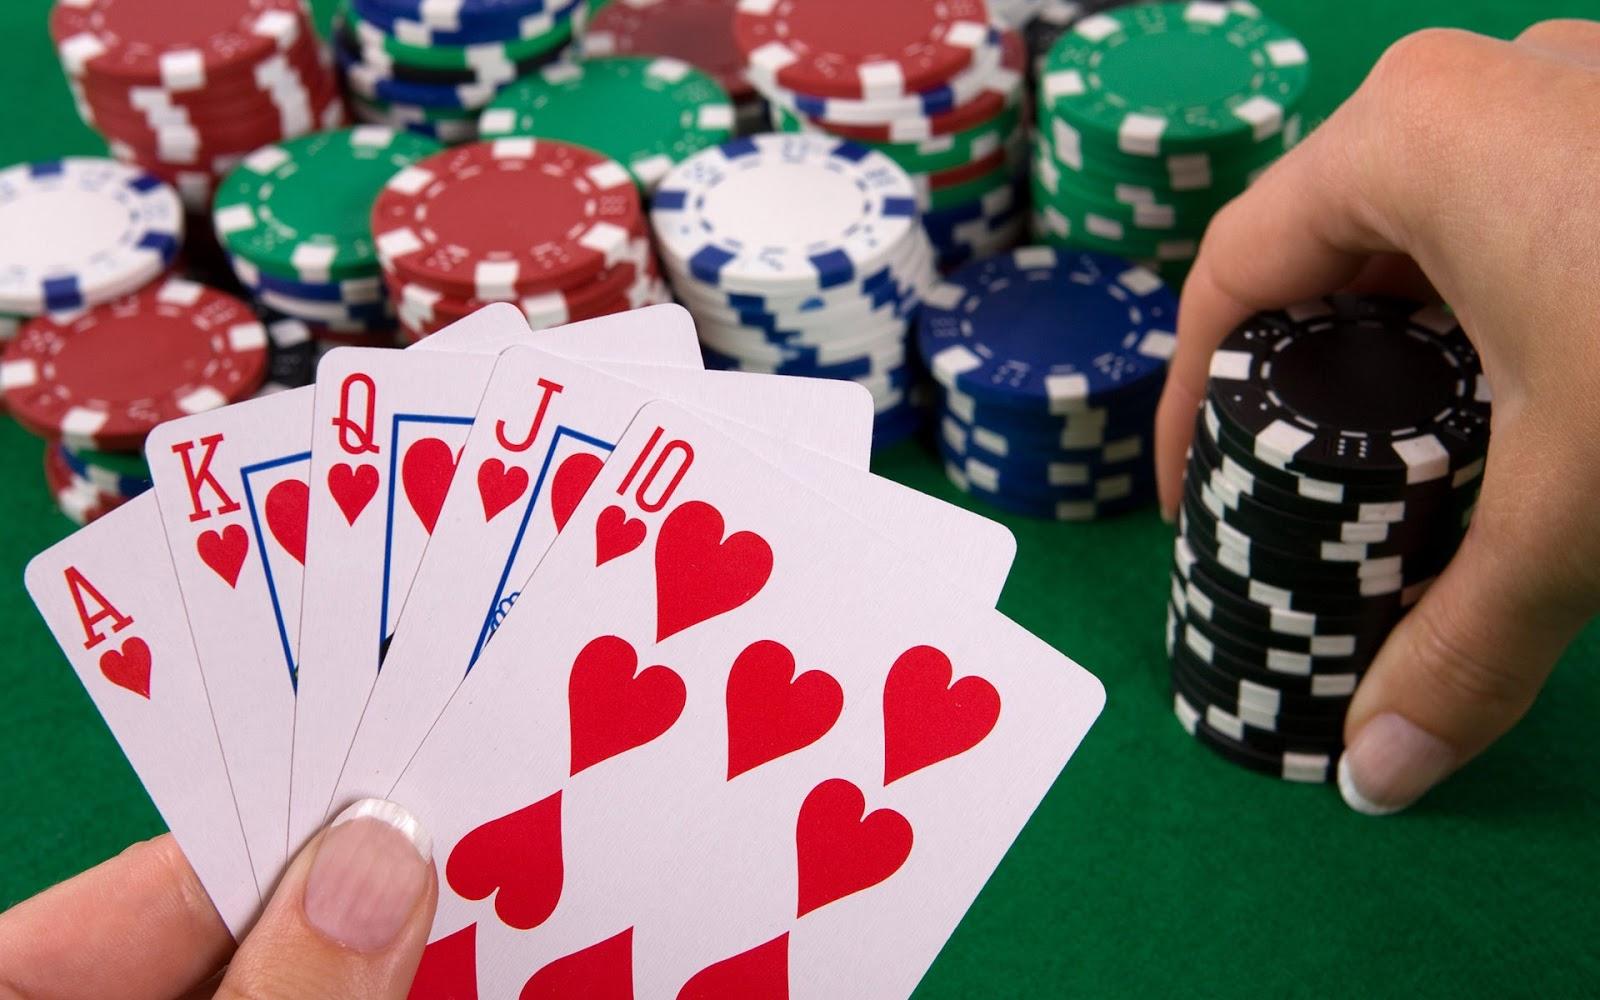 Hasil gambar untuk Membeli jackpot pada permainan poker online